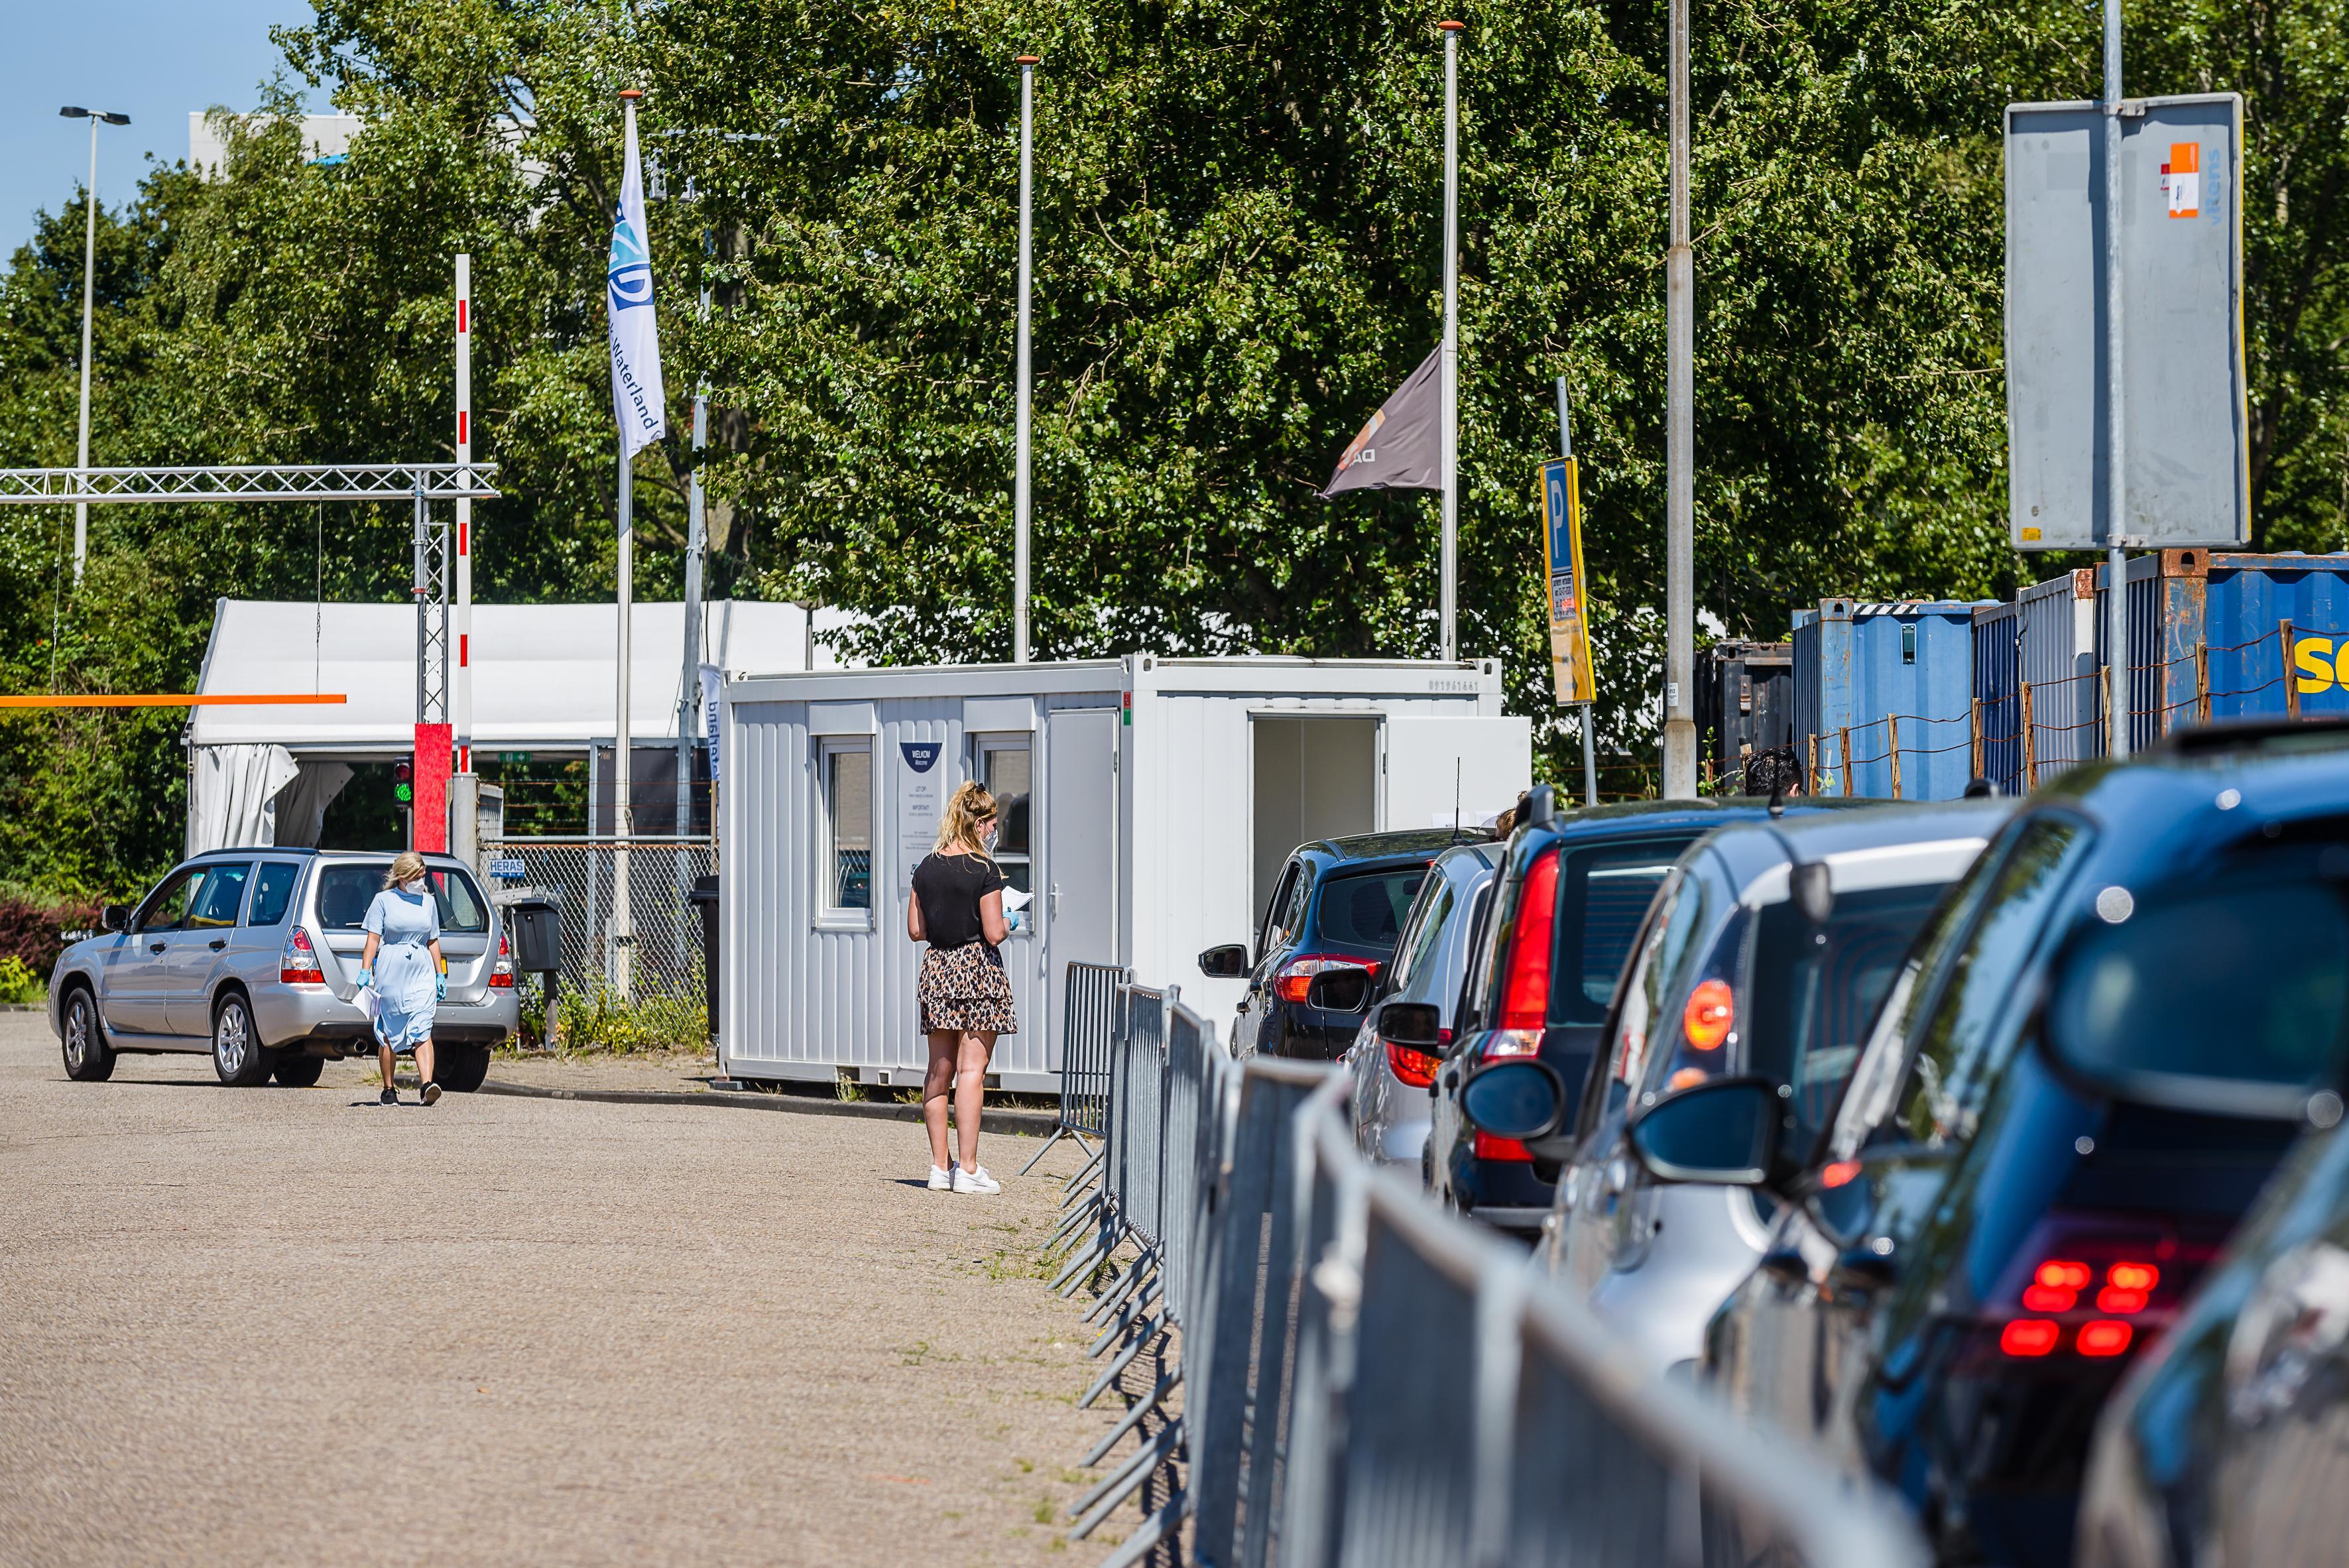 Bijna anderhalf keer meer coronabemettingen op donderdag geteld als op woensdag in Zaanstreek-Waterland; Oostzaan en Edam-Volendam hebben hetzelfde aantal nieuwe besmettingen